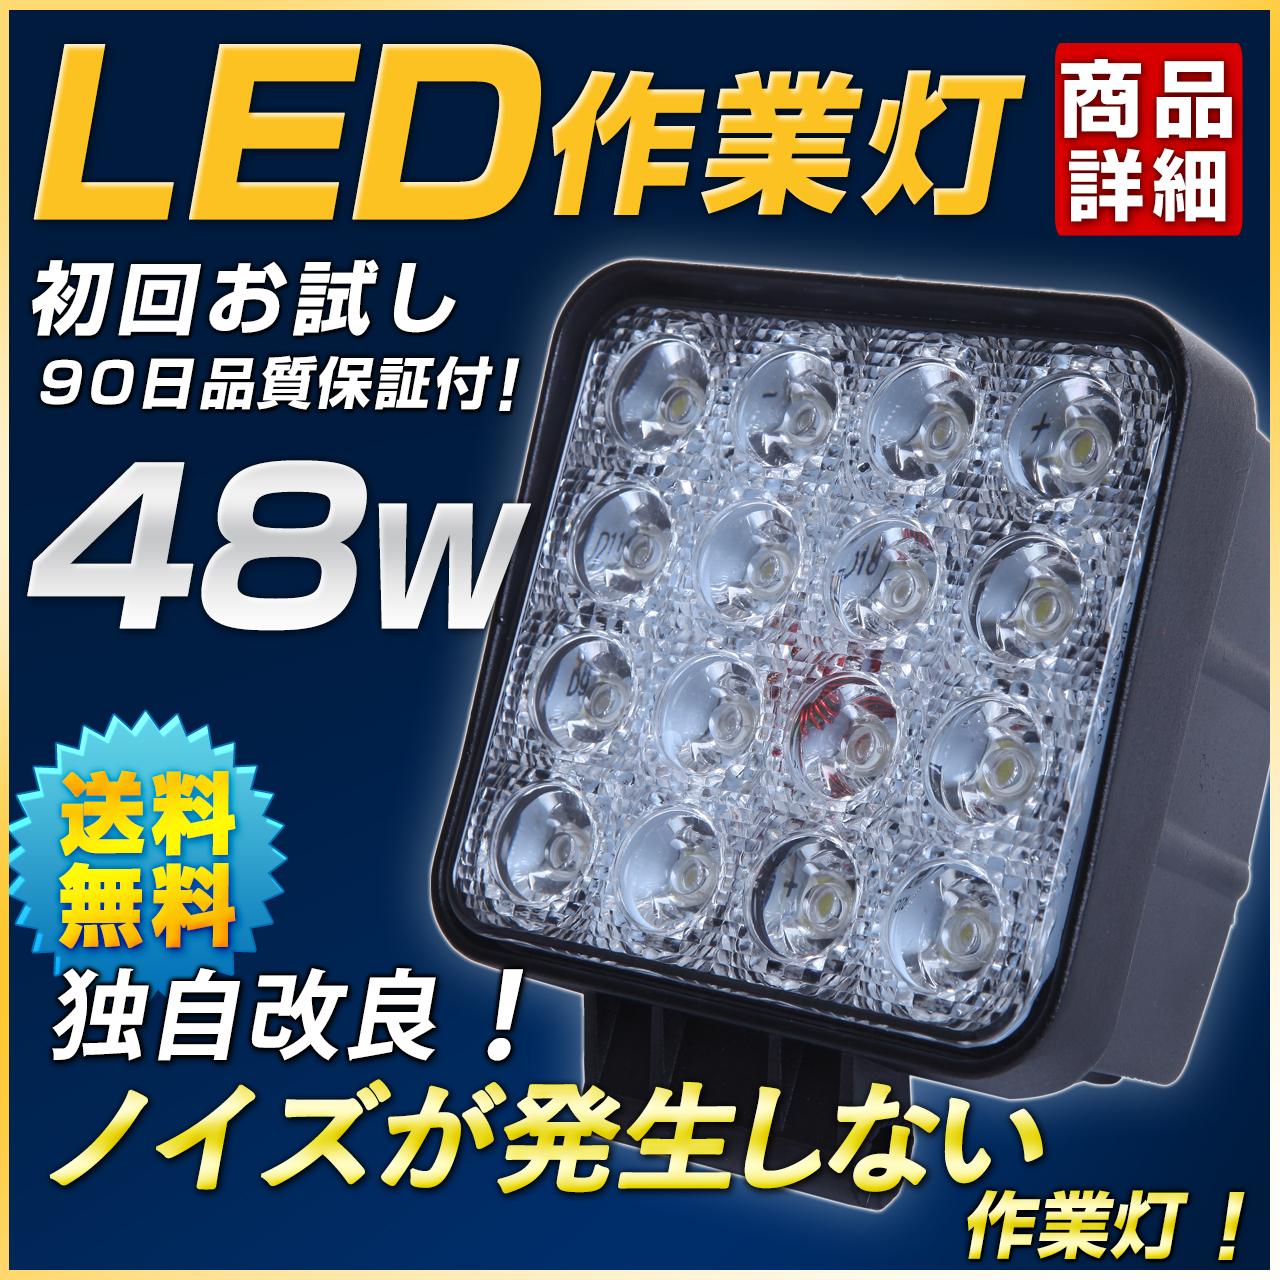 48w作業灯【初回モニター】